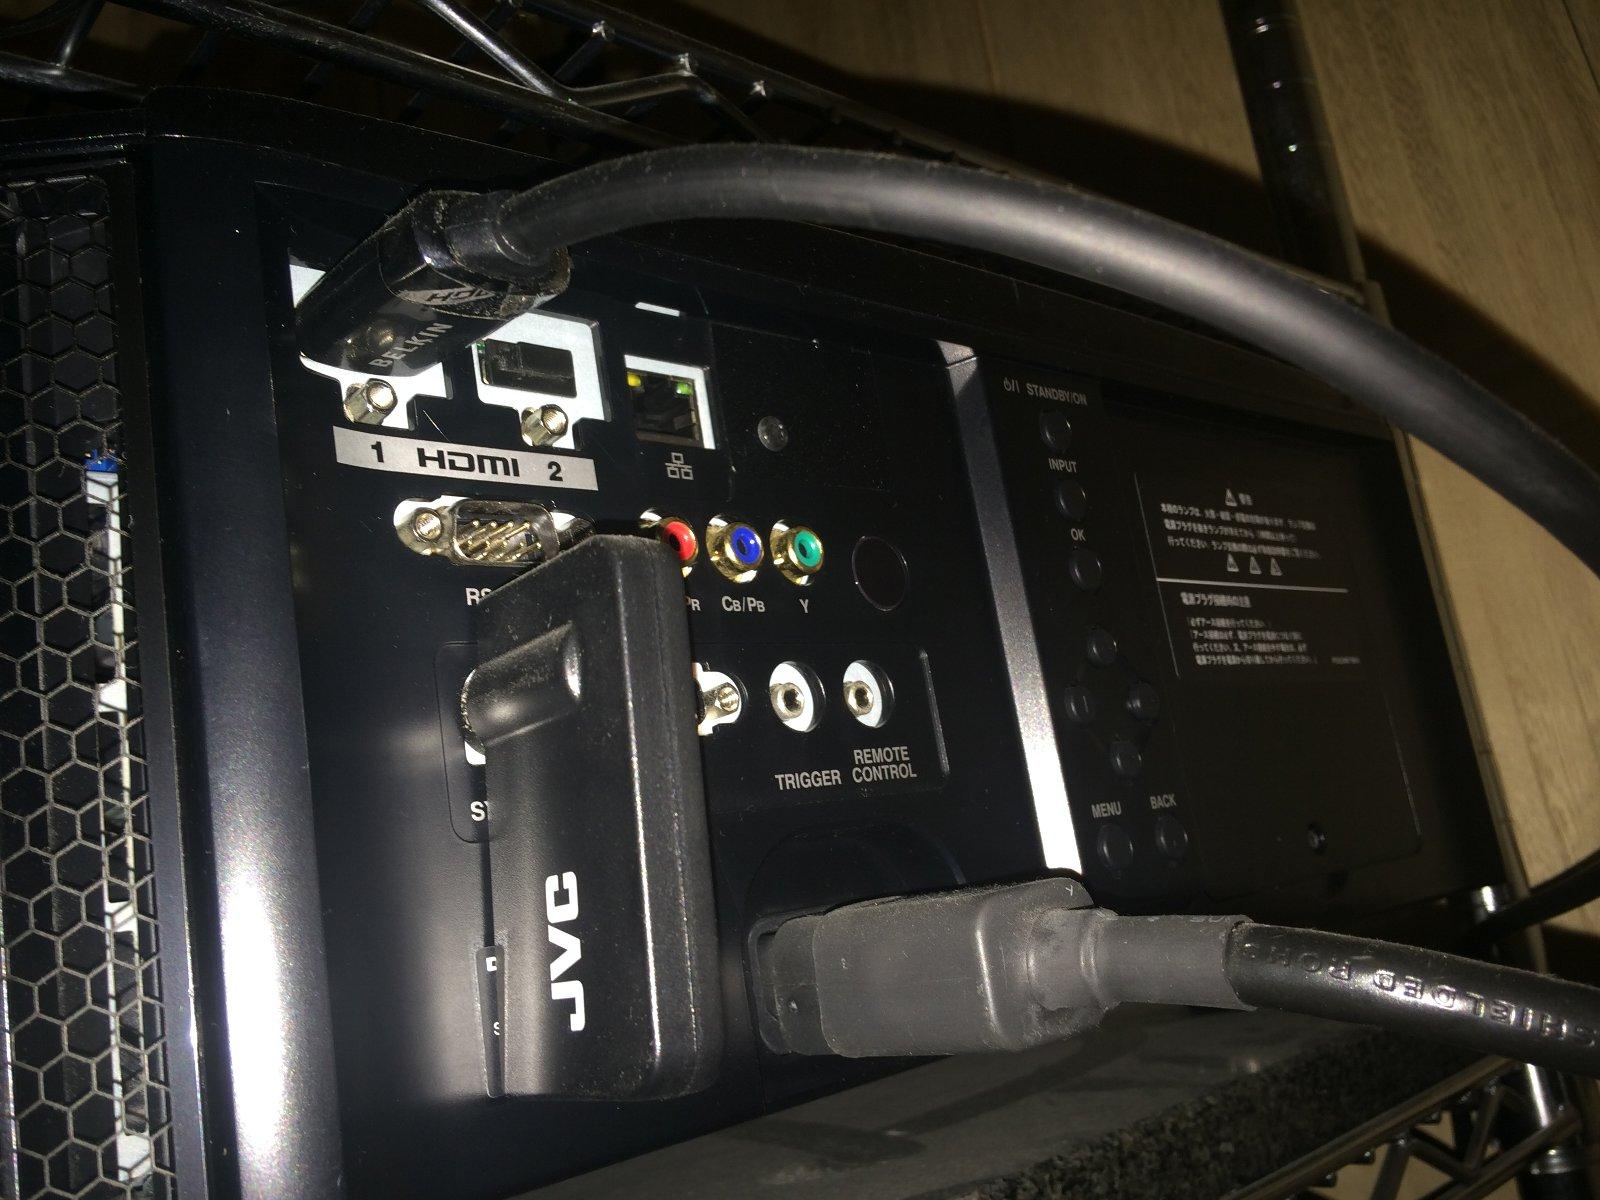 DLA-X75R 04 端子部